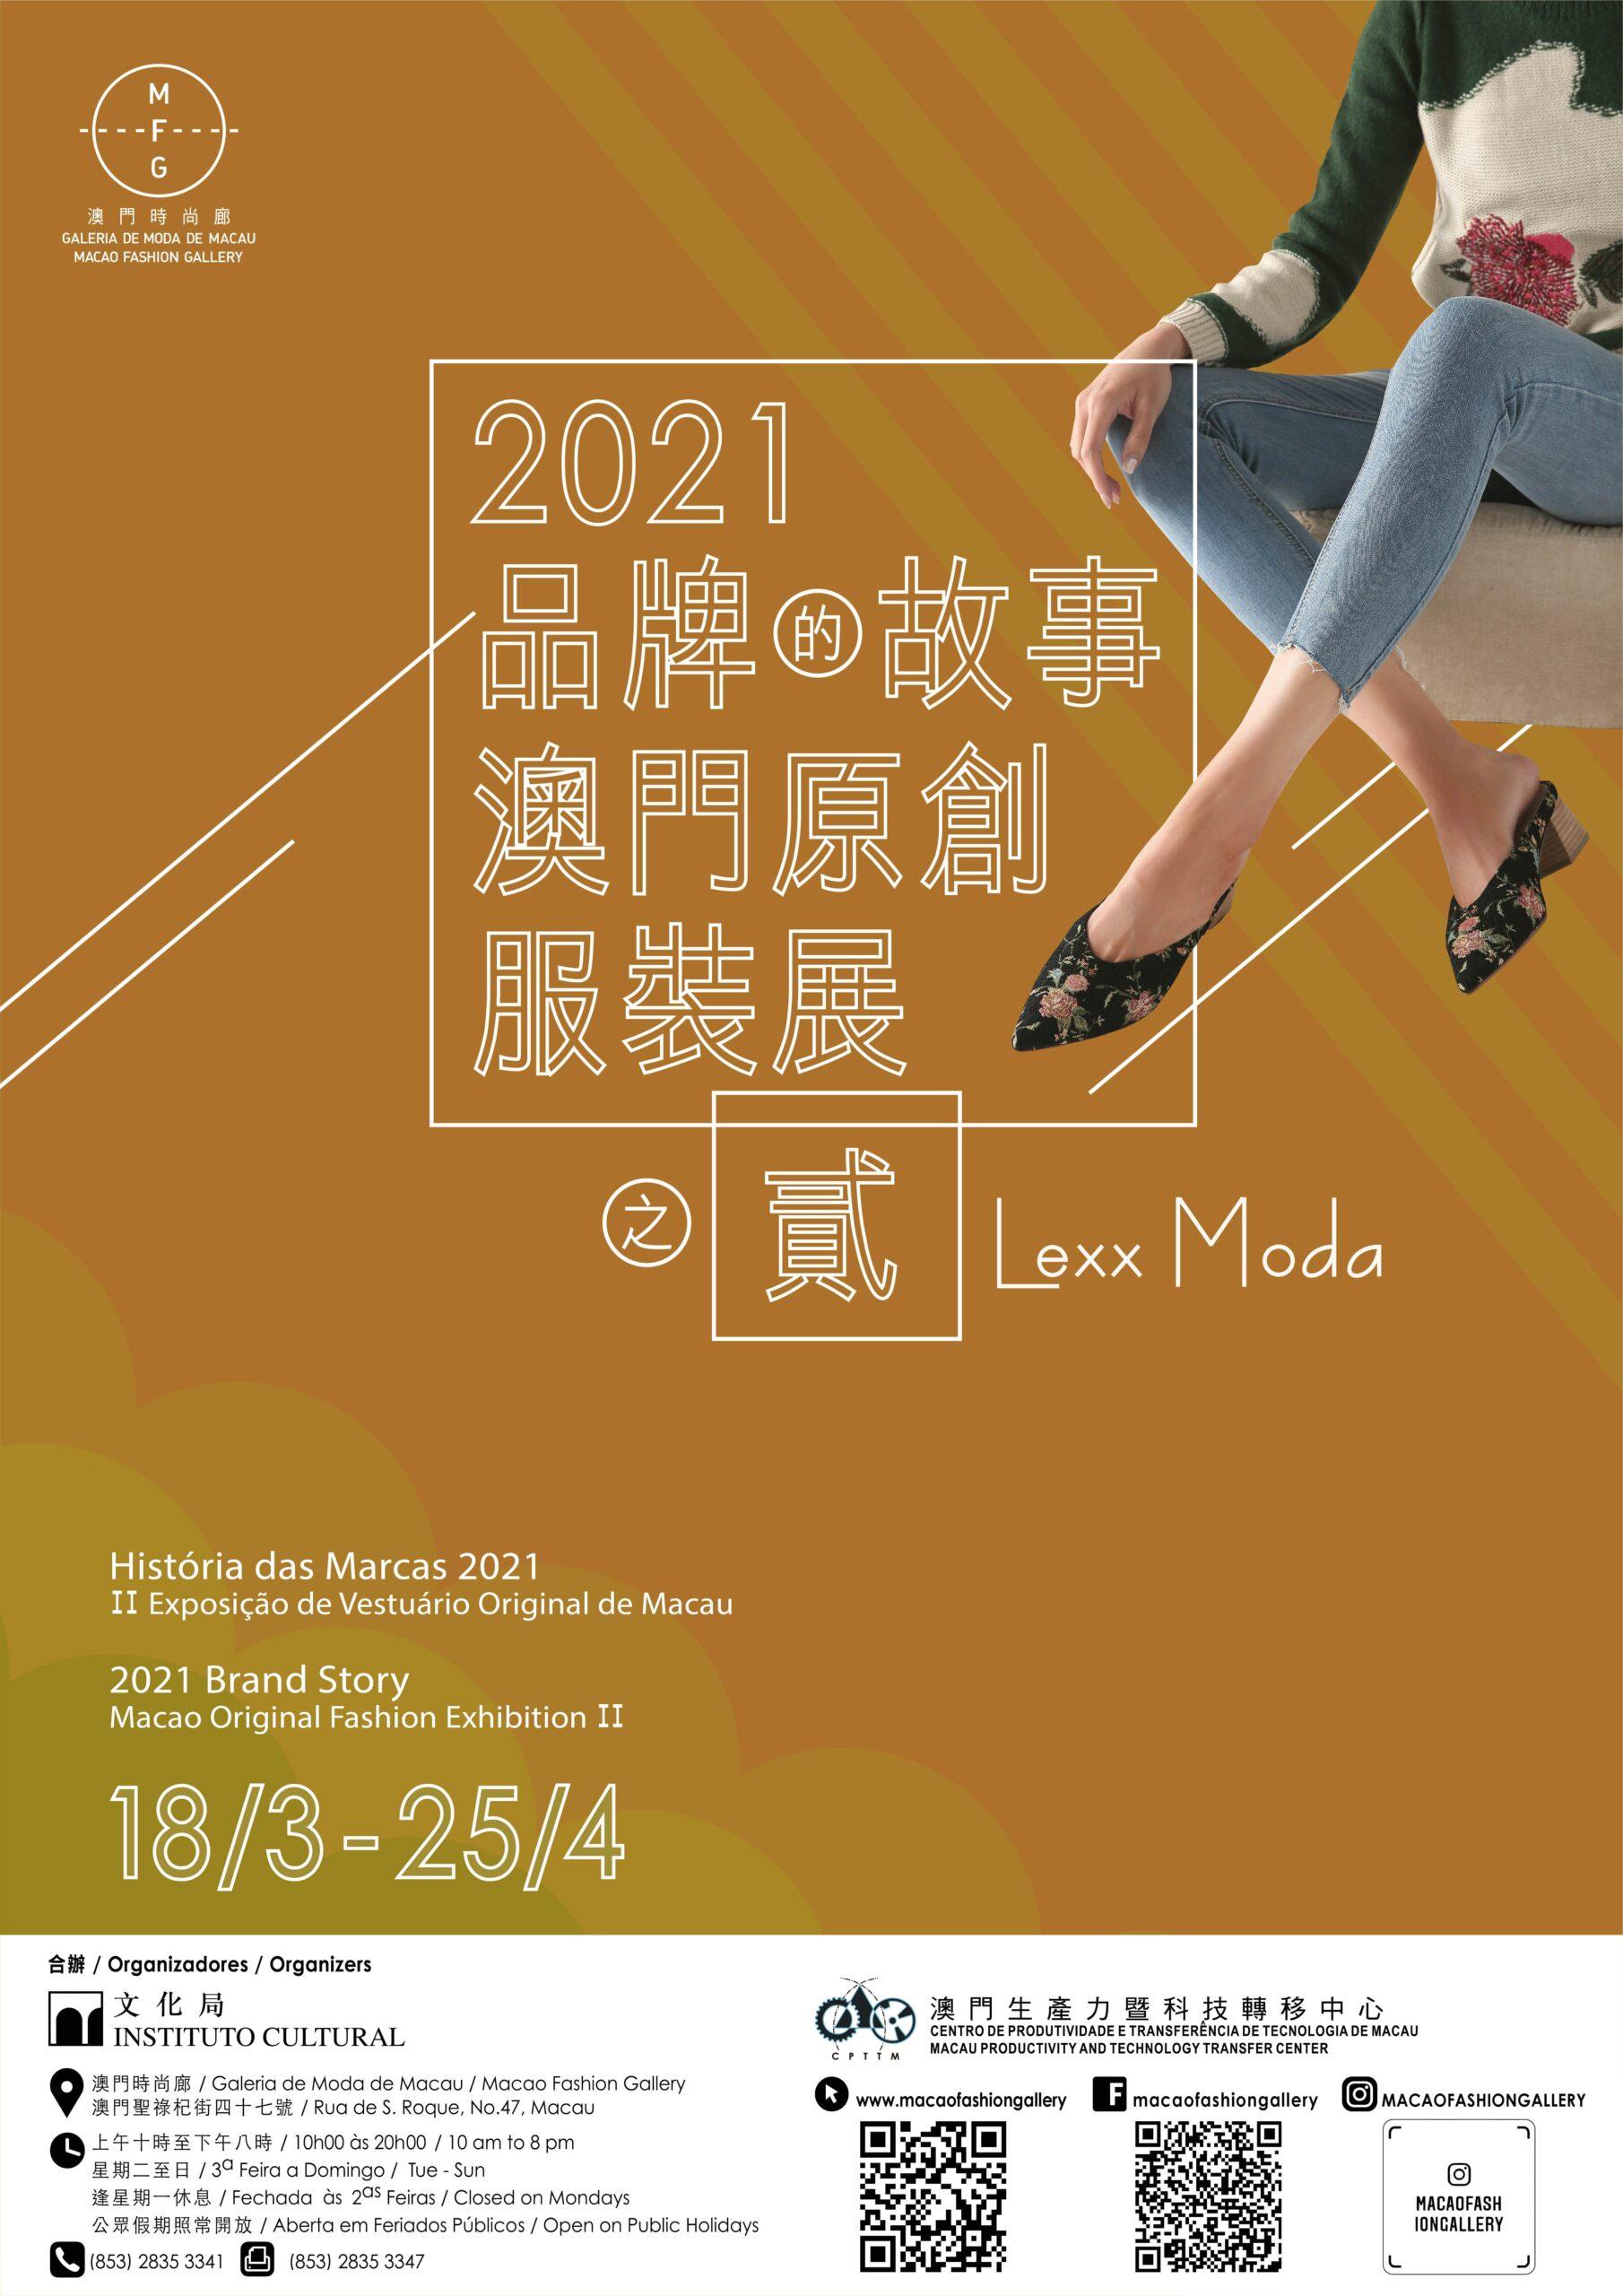 021品牌的故事澳門原創服裝展之貳——Lexx